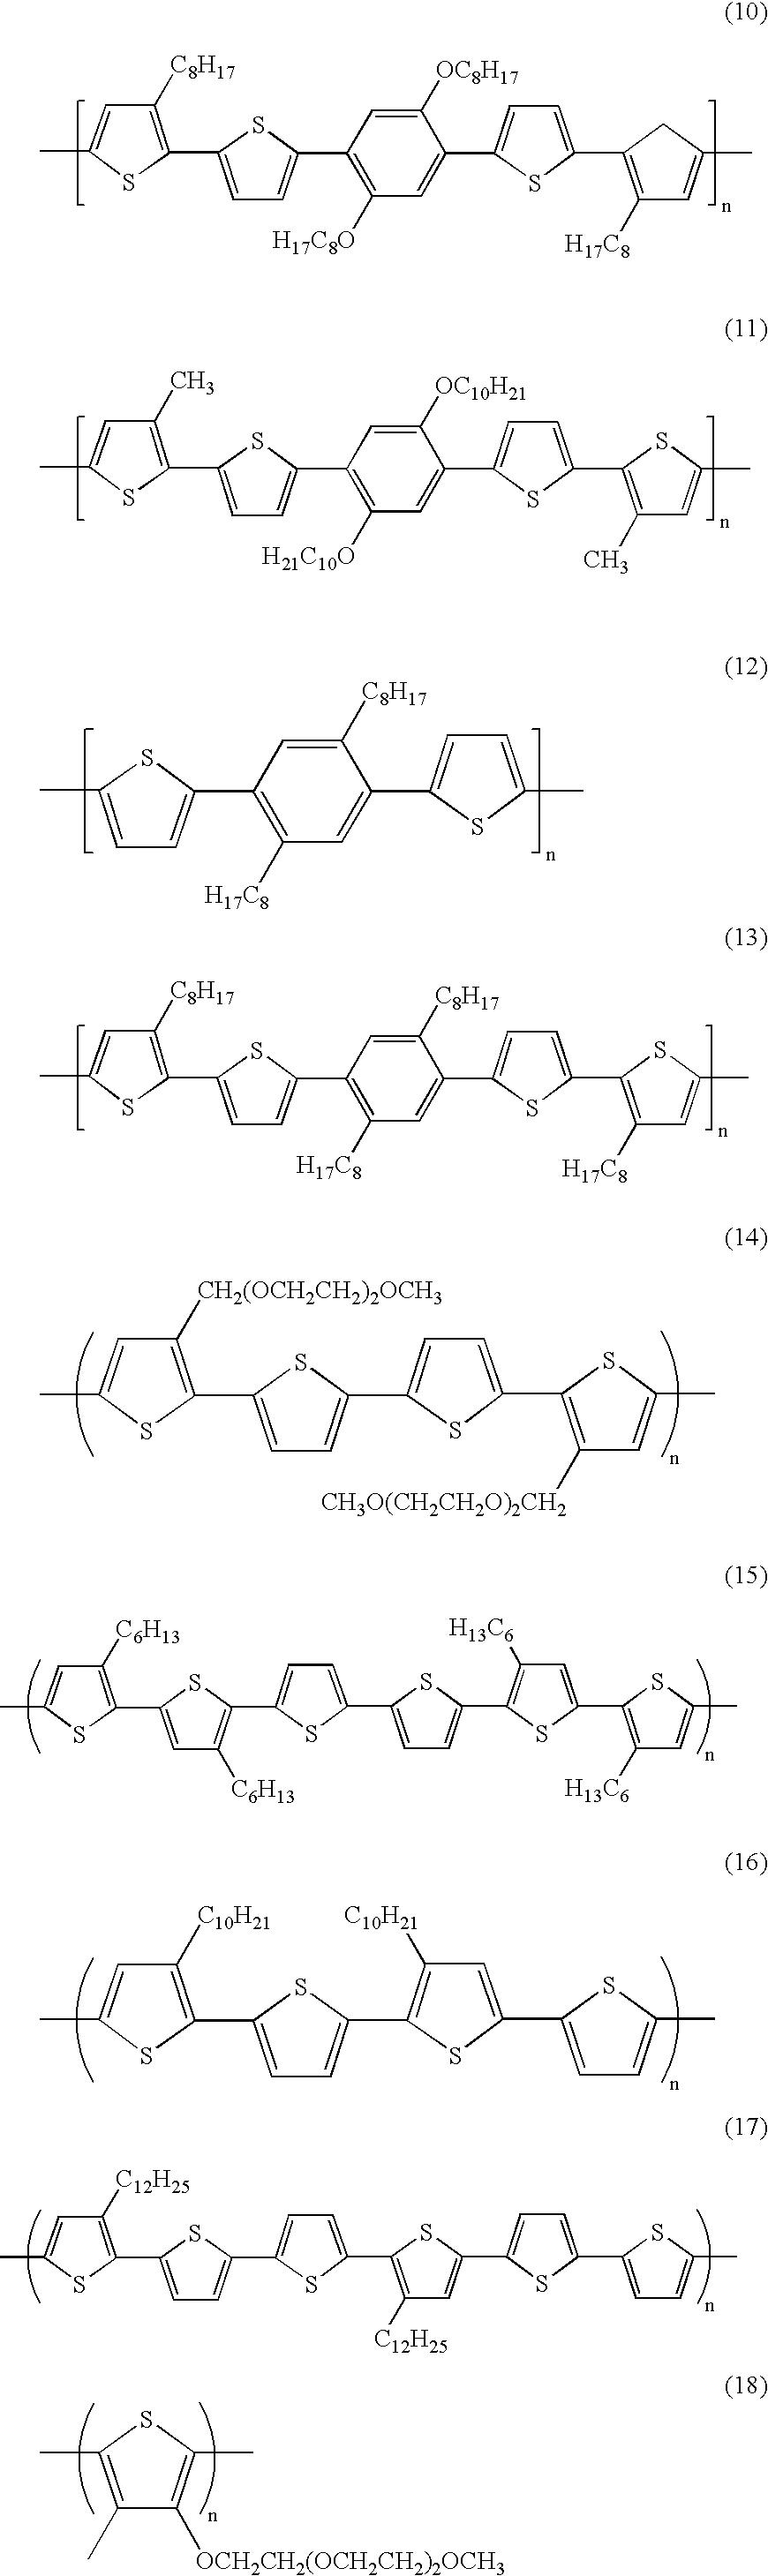 Figure US07314908-20080101-C00004